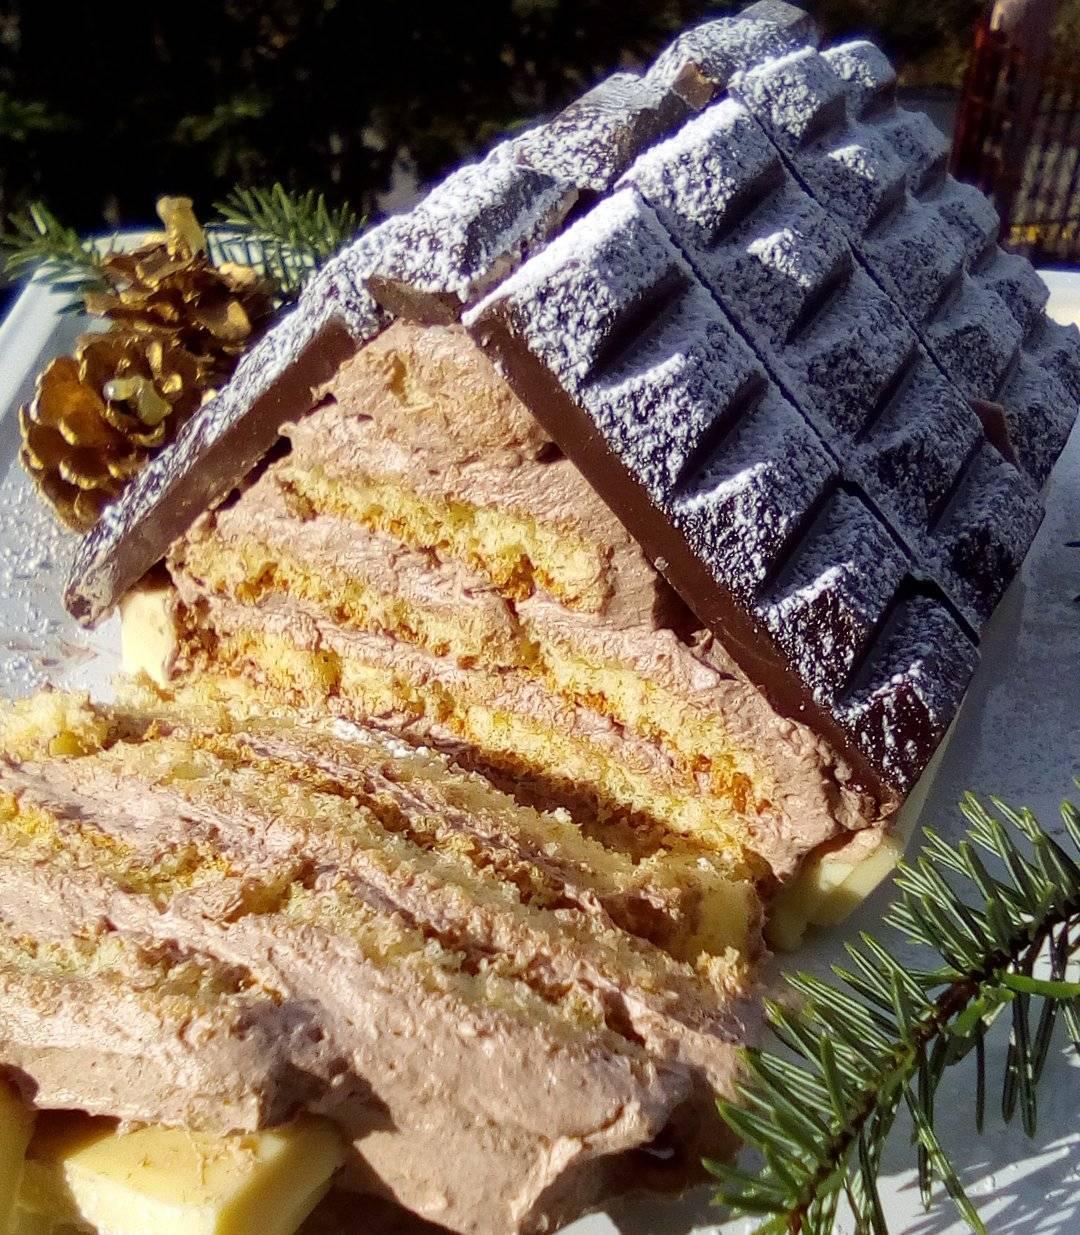 Συνταγή για γλυκό χριστουγεννιάτικο σπιτάκι συνταγή